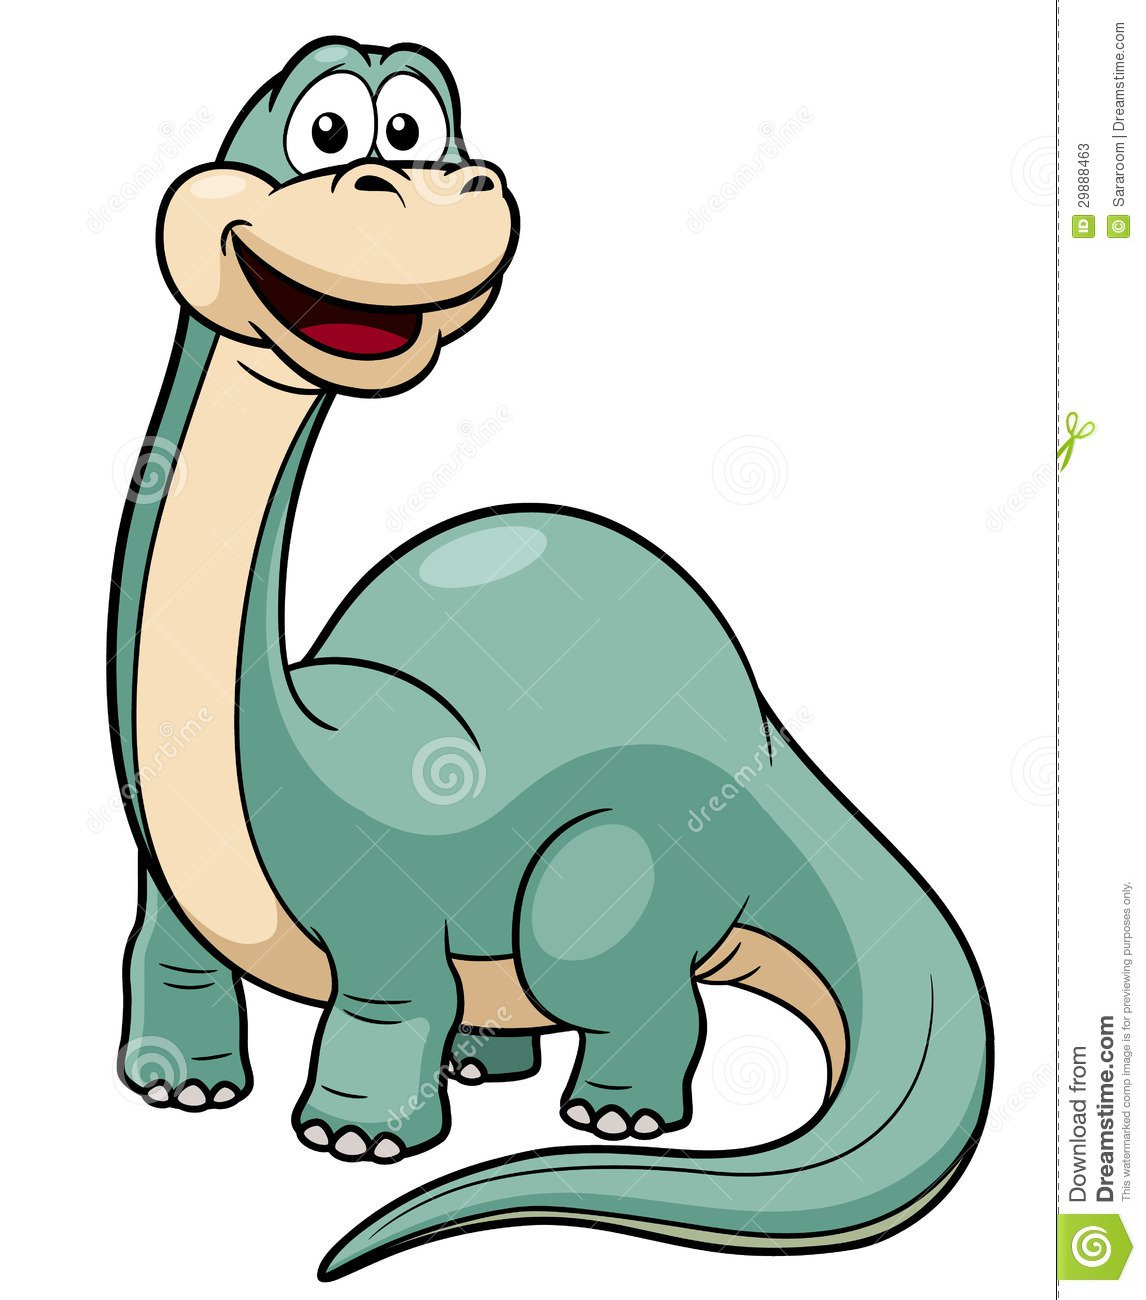 Dinossauro Dos Desenhos Animados Fotos De Stock